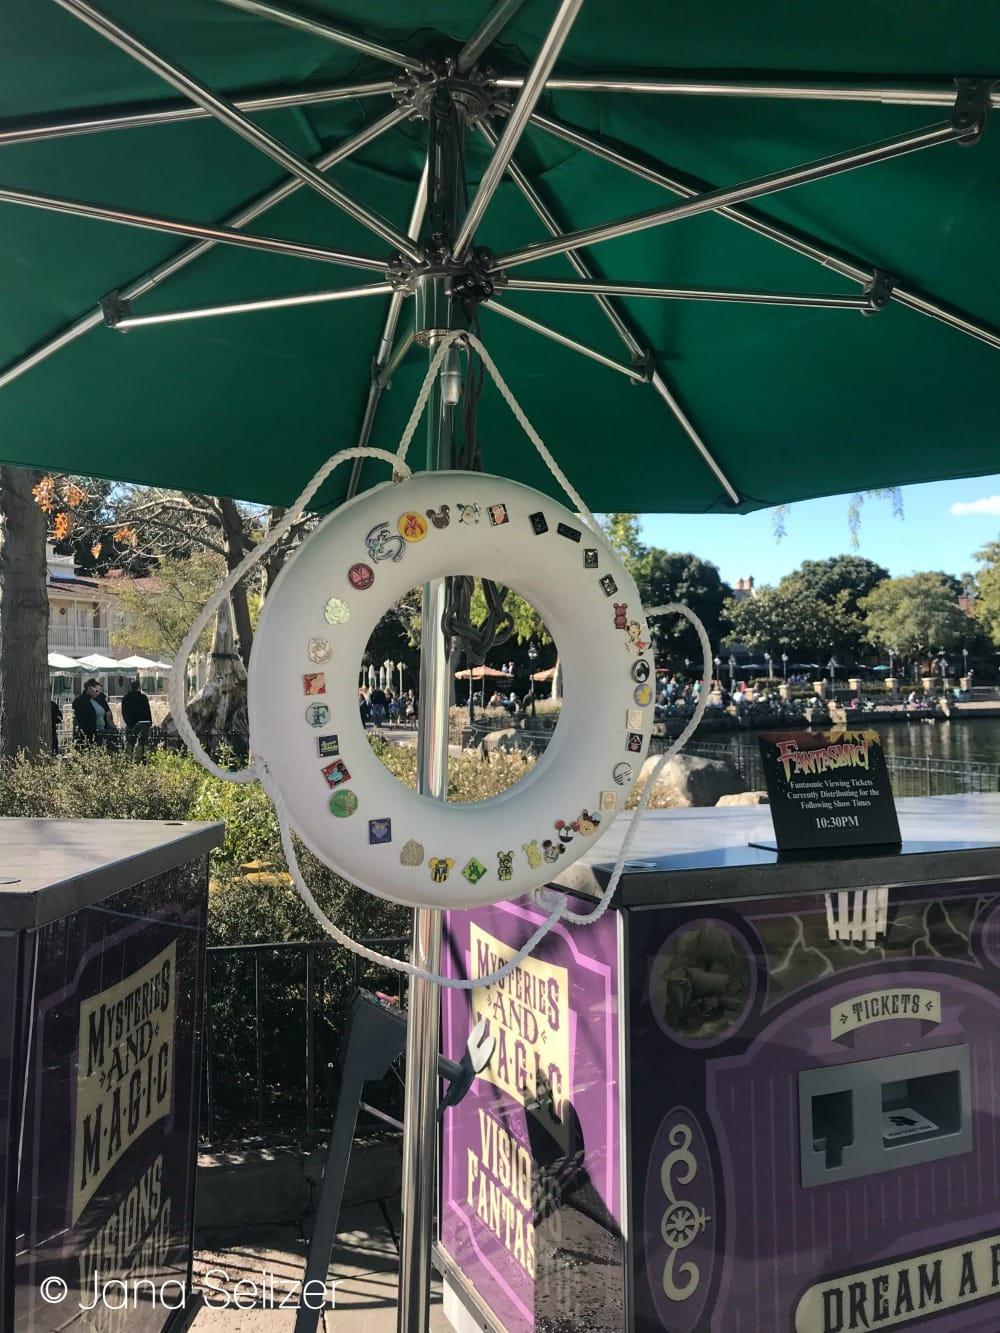 Disney Pin Trading Board at the Riverboat